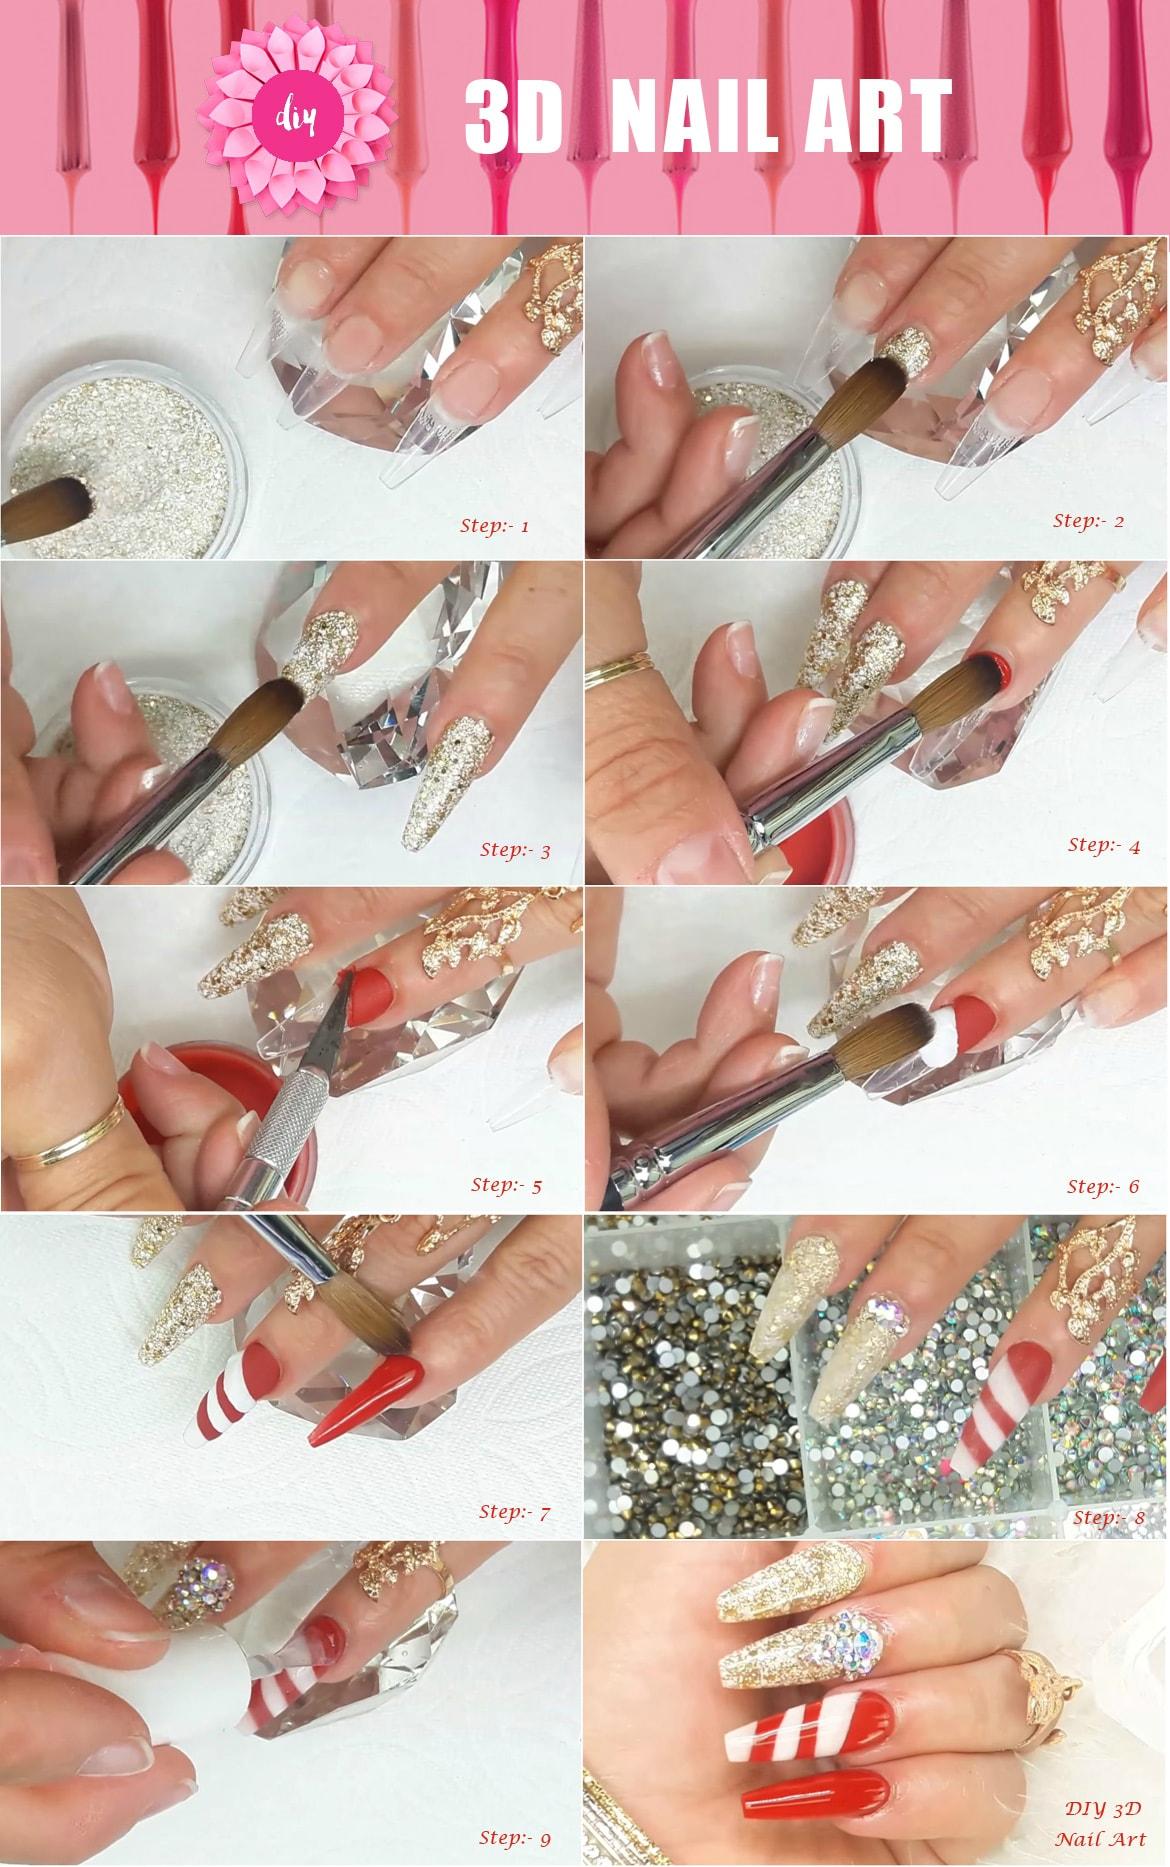 DIY 3D Nail Art